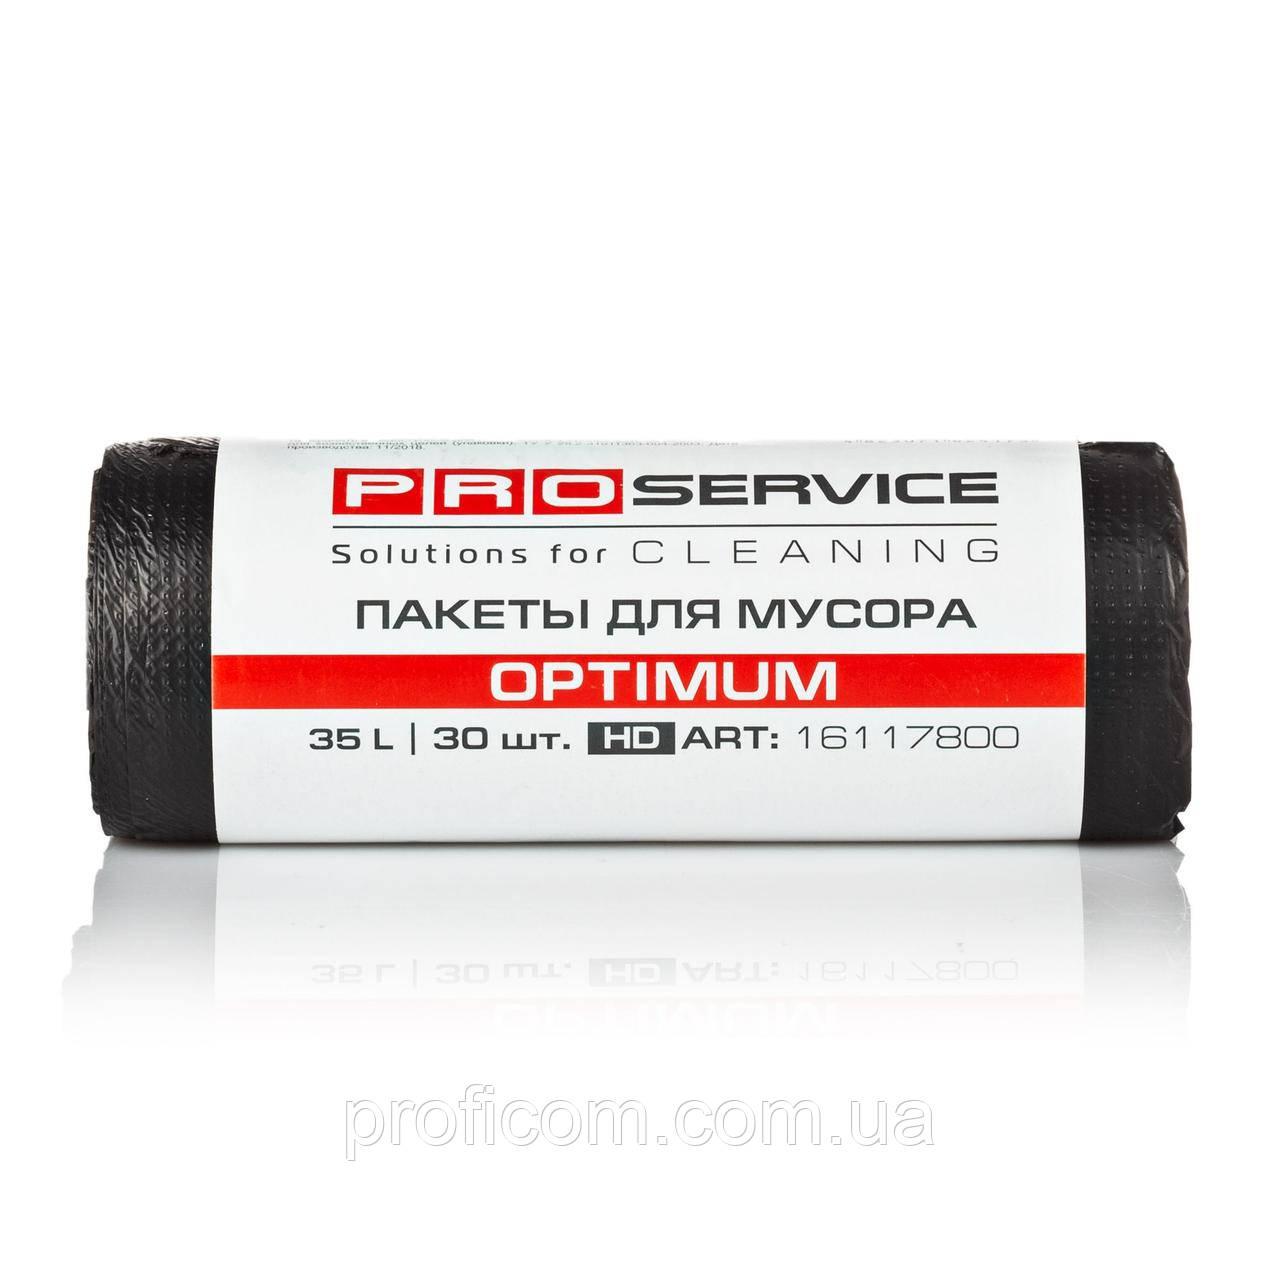 """Пакети для сміття """"PRO Service"""" OPTIMUM 35л (30шт.) HD чорні (НП)"""